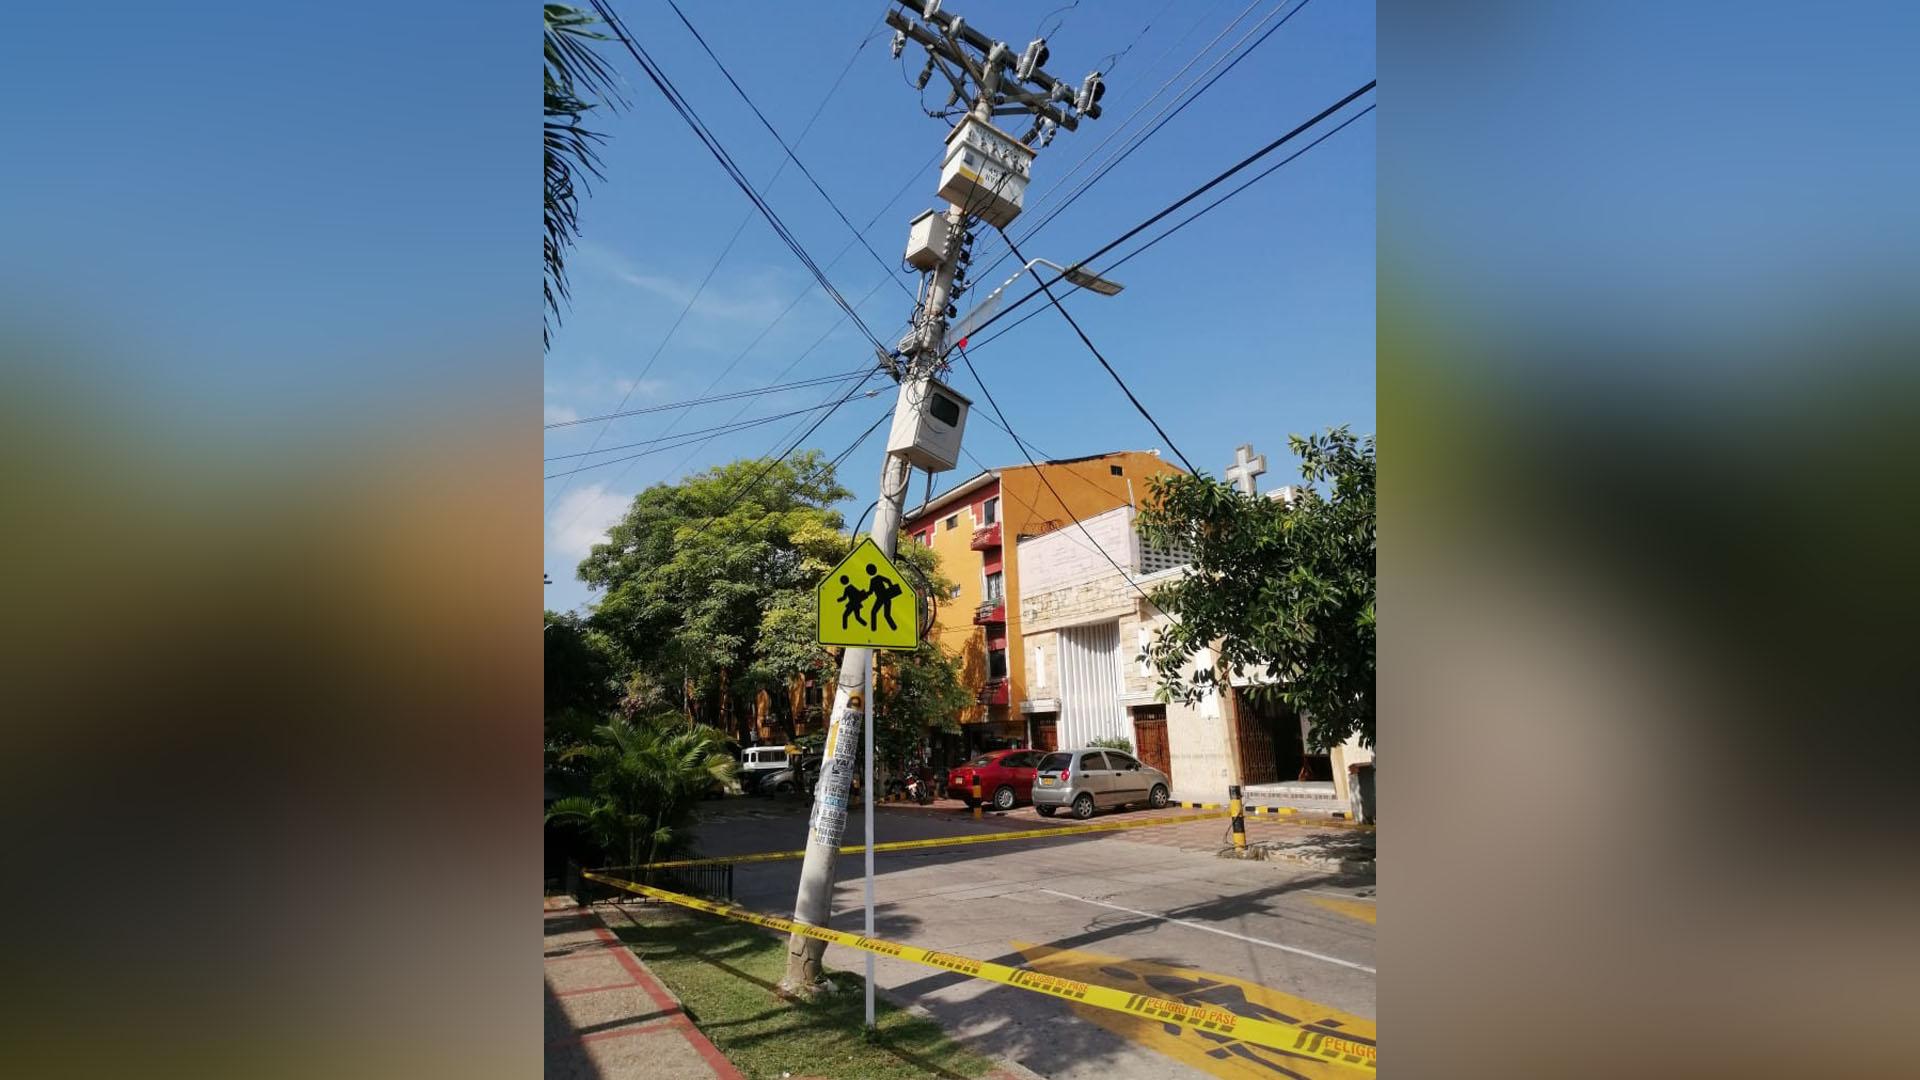 Debido al riesgo, al comunidad instaló cintas amarillas alrededor de la la estructura como medida de prevención para los transeúntes y conductores.